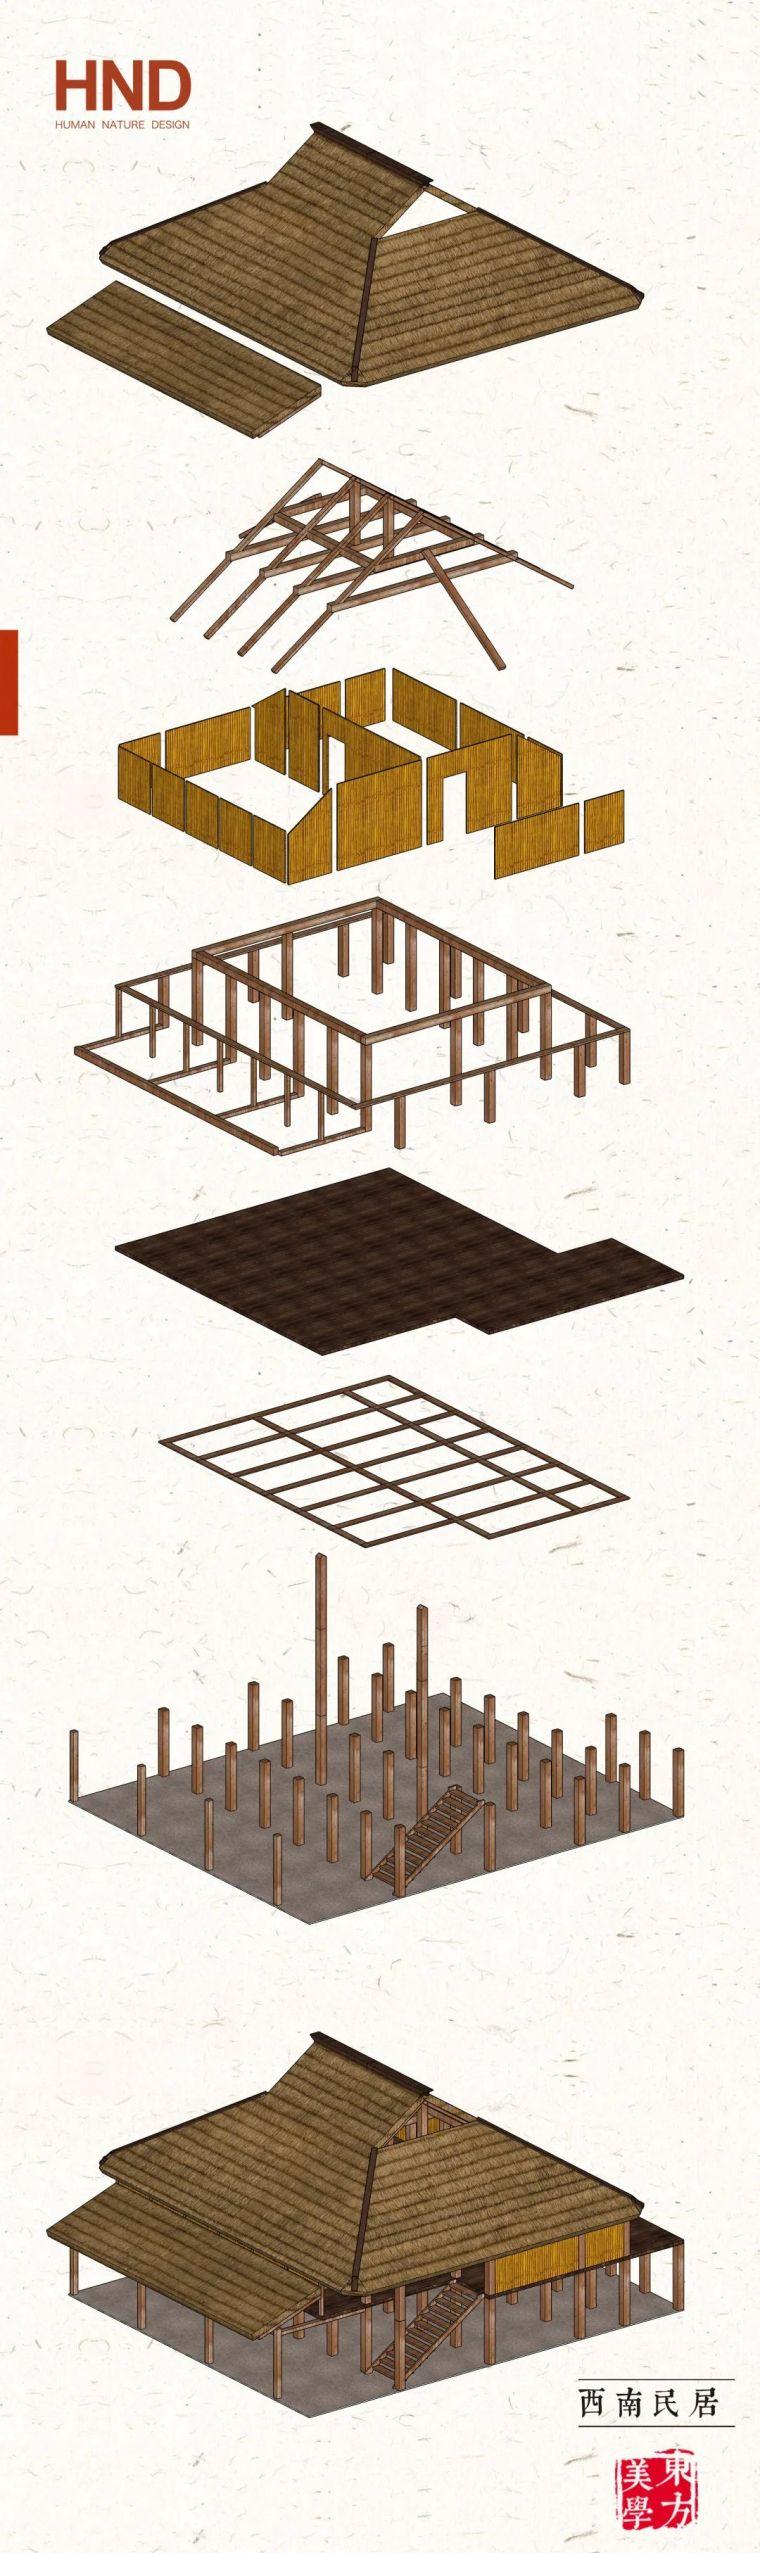 什么是中国传统建筑?_12